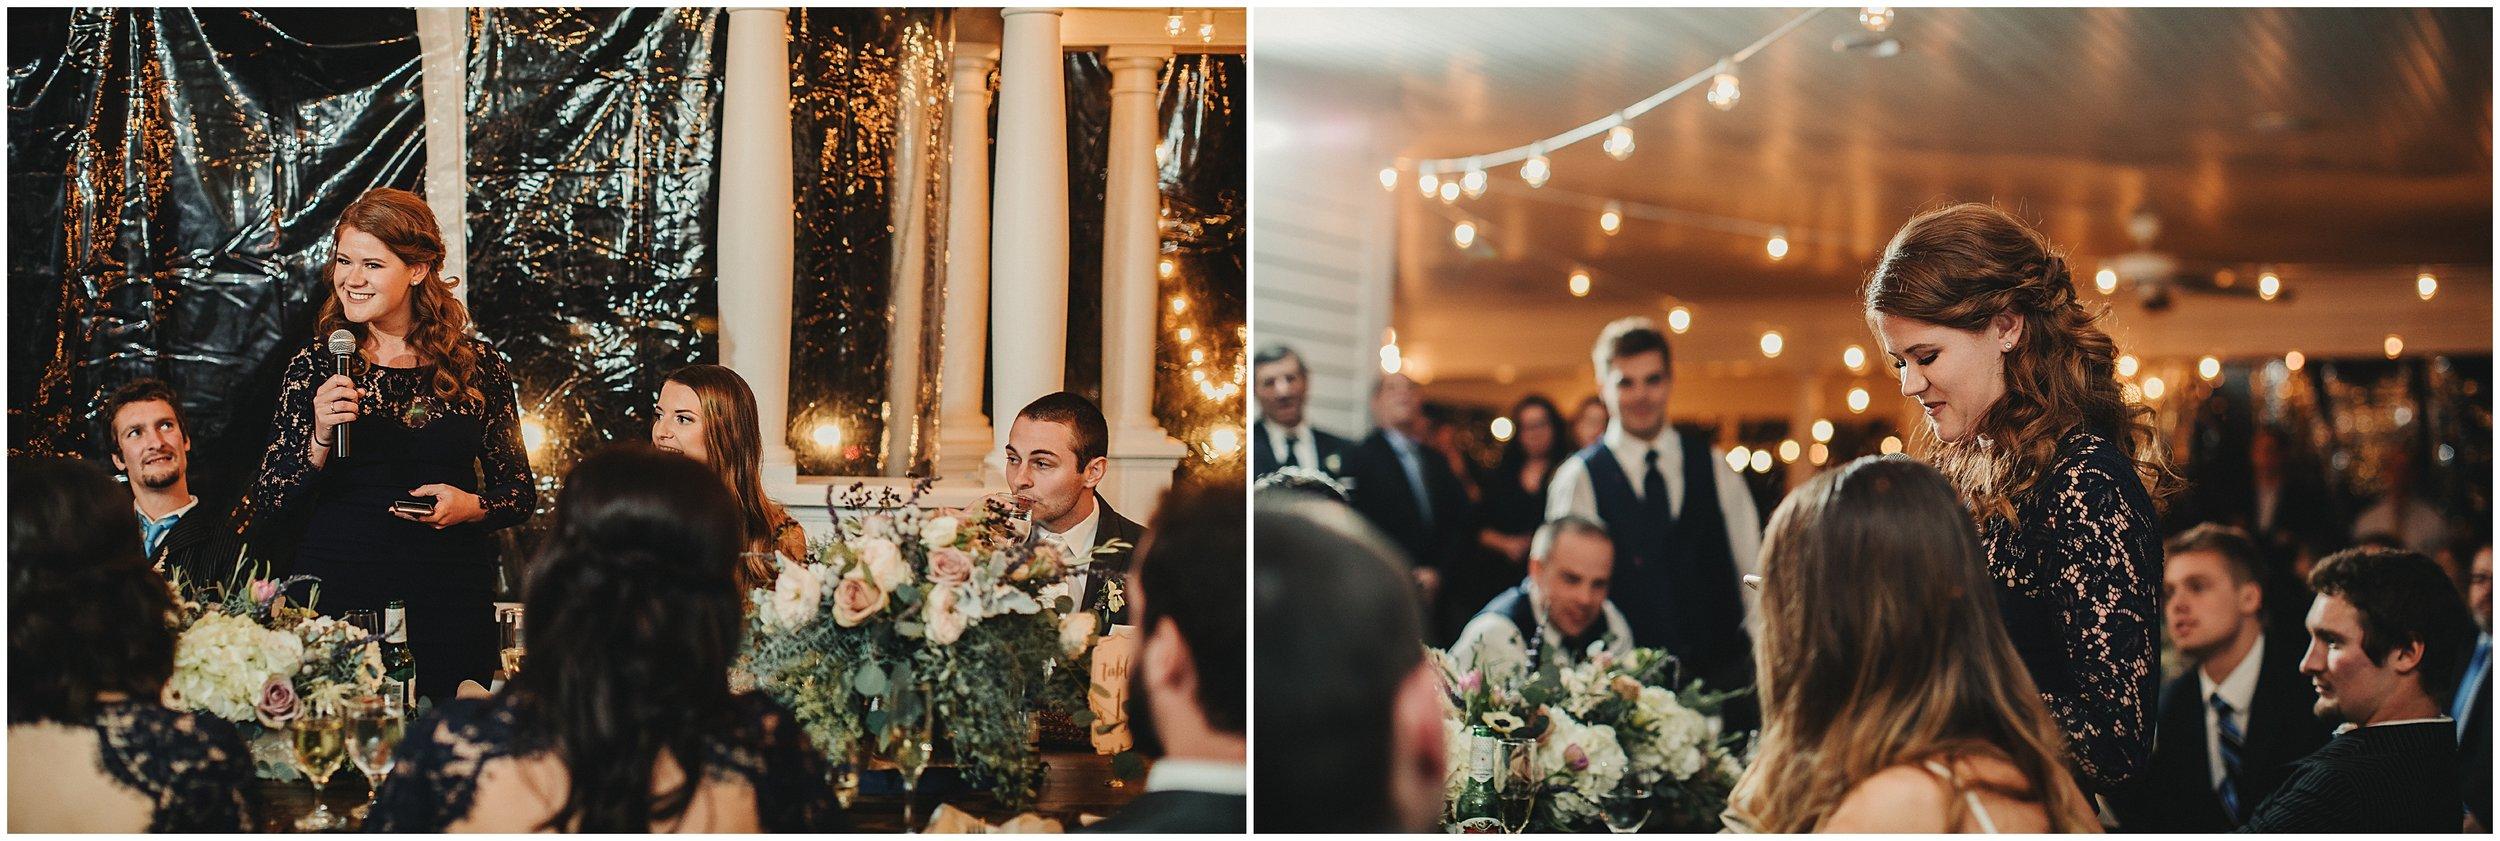 Ritchie Hill wedding_1305.jpg